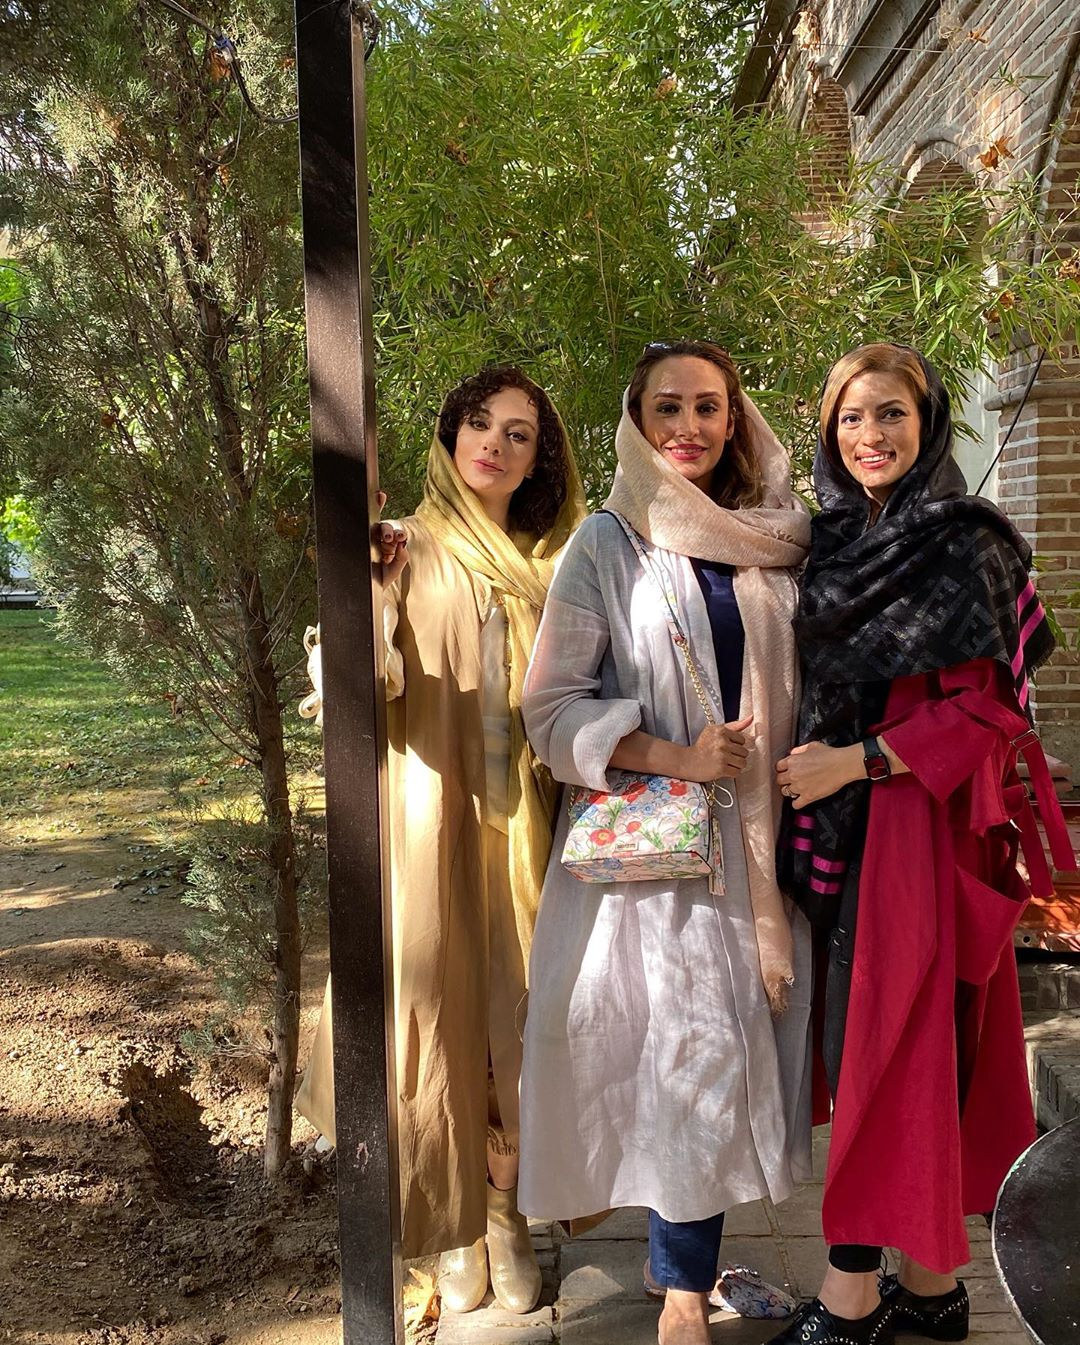 دورهمی یکتا ناصر با دوستانش+عکس